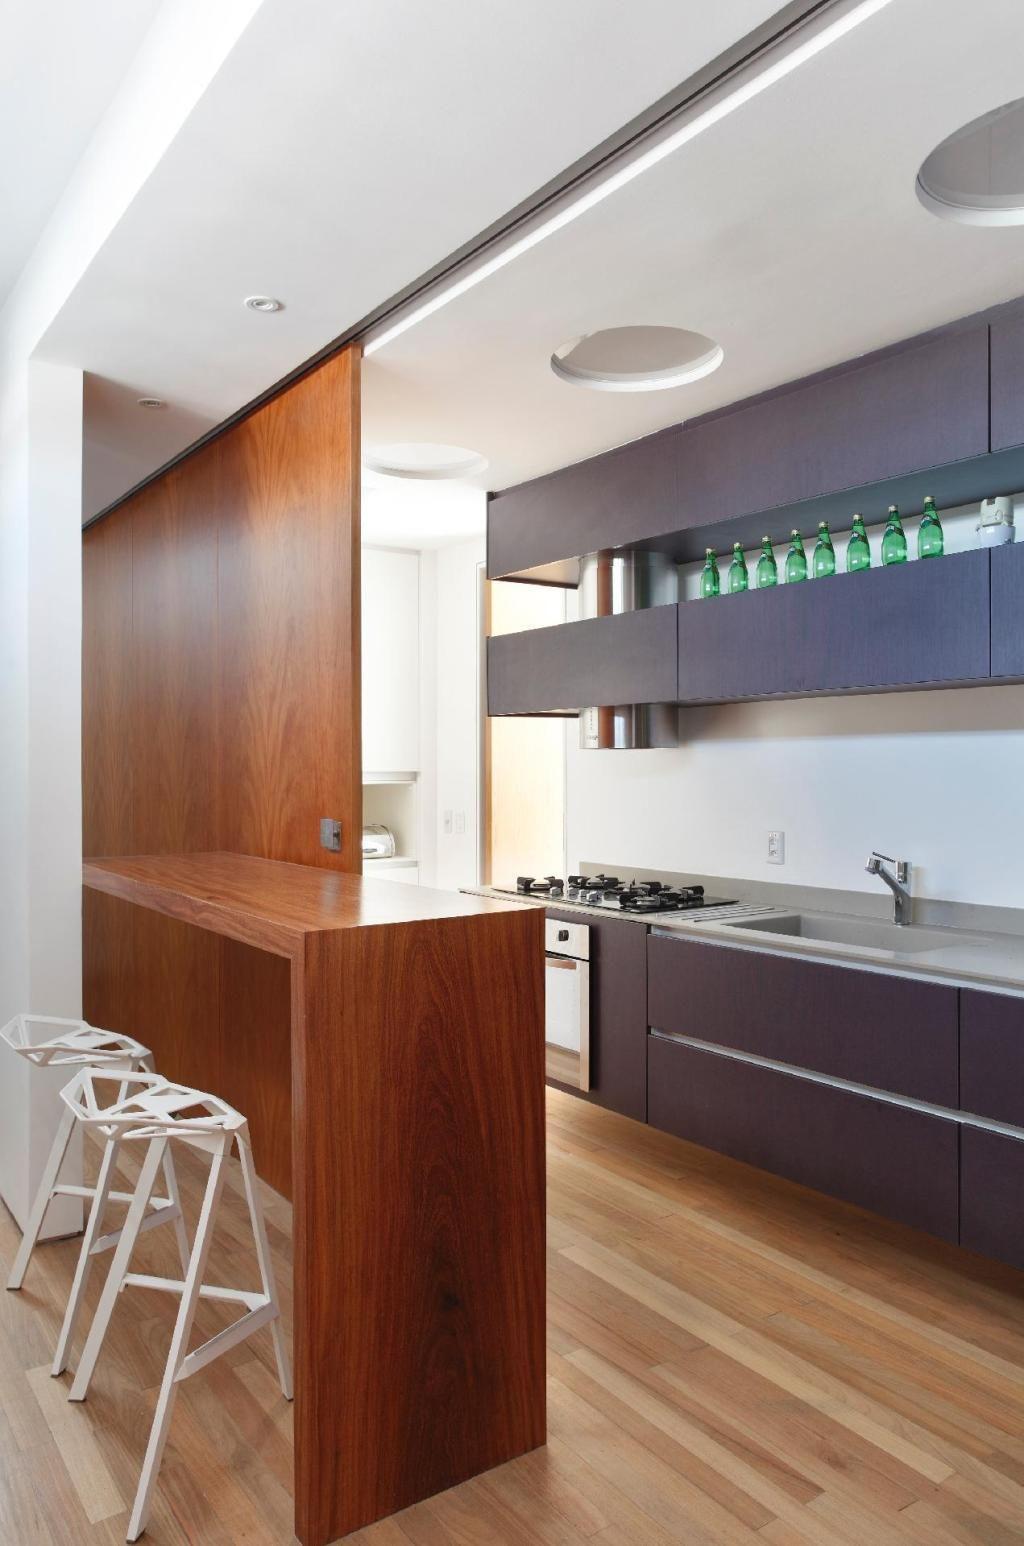 Küchen-design-schrank geplante küche  fotos preise und projekte  zuhause  pinterest